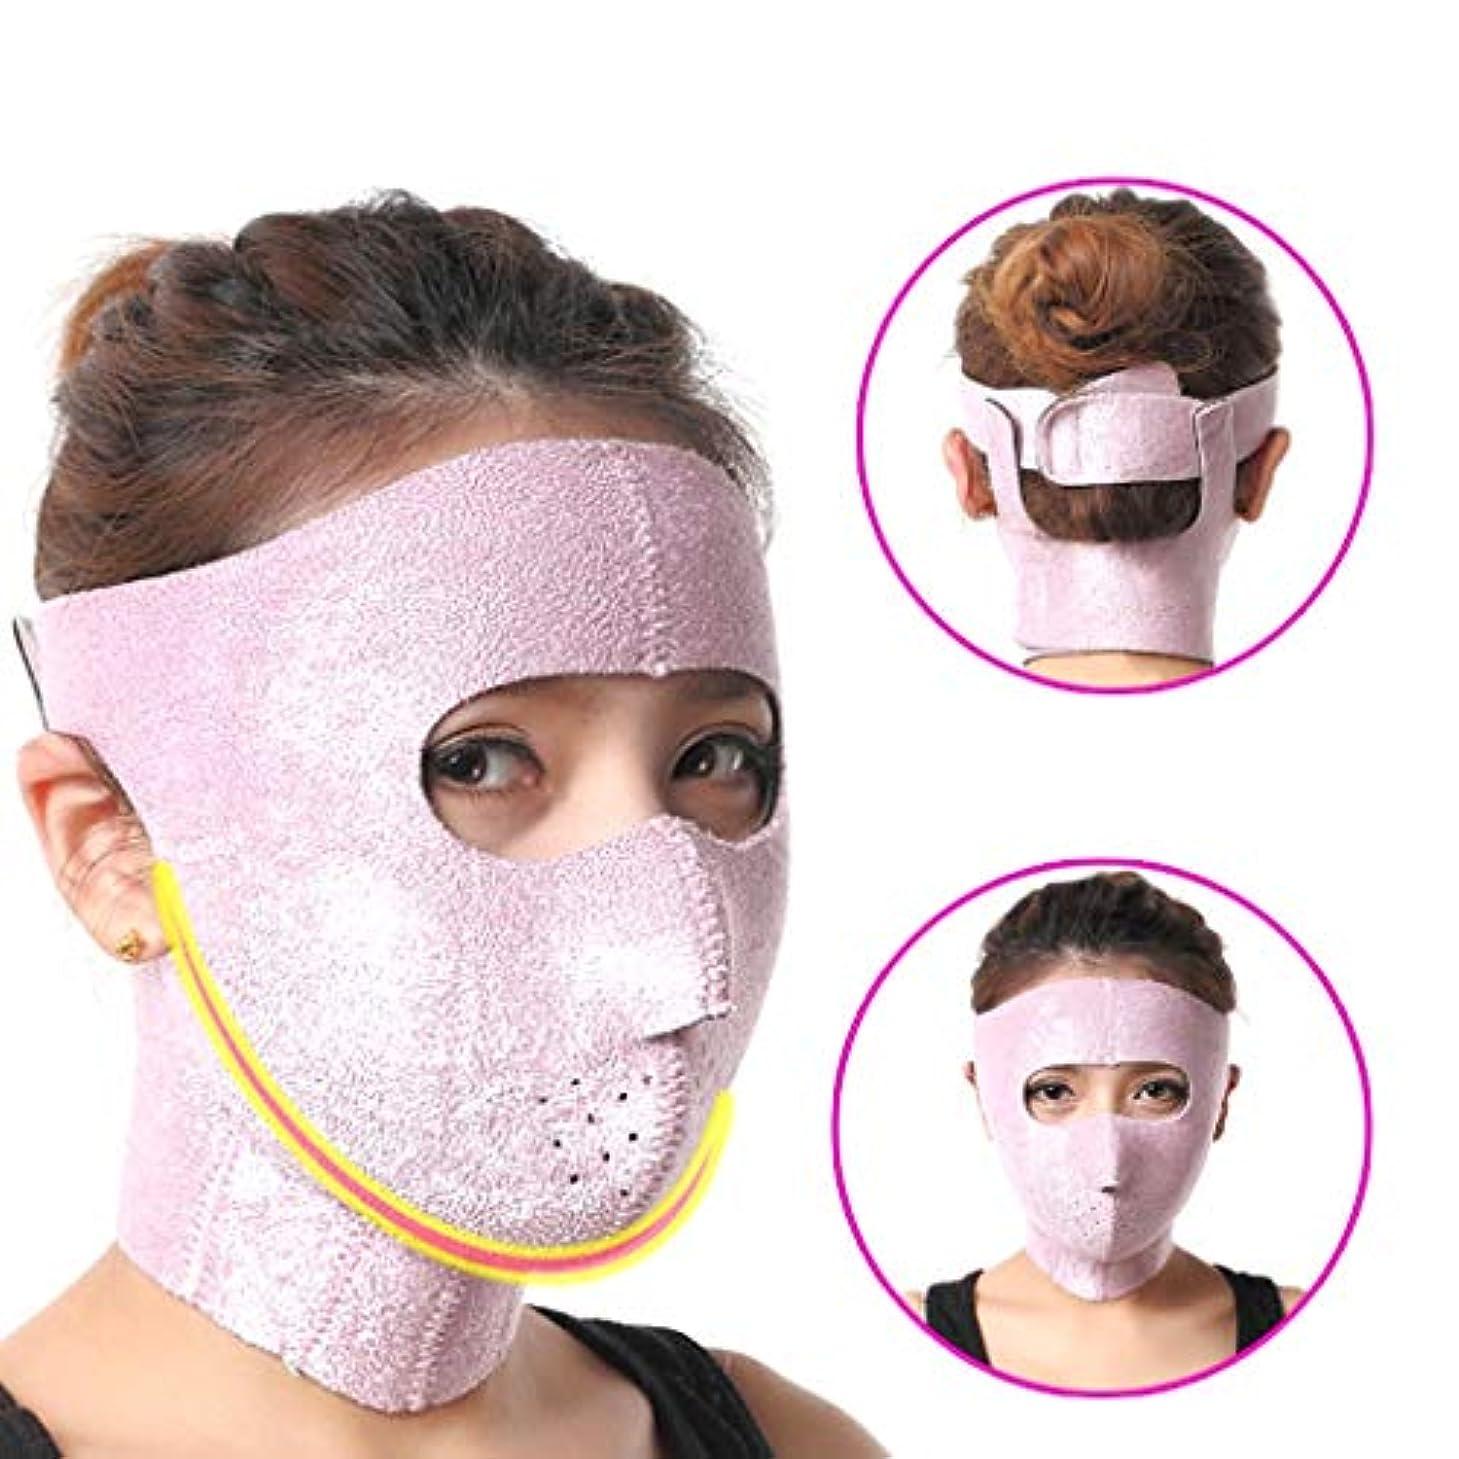 インレイ道路を作るプロセスデクリメントXHLMRMJ 薄いあご修正ツール、顔リフティングマスク、リフティングファーミング、Vフェイシャルマスク、改良された咬筋二重あご、男性と女性の両方に適しています